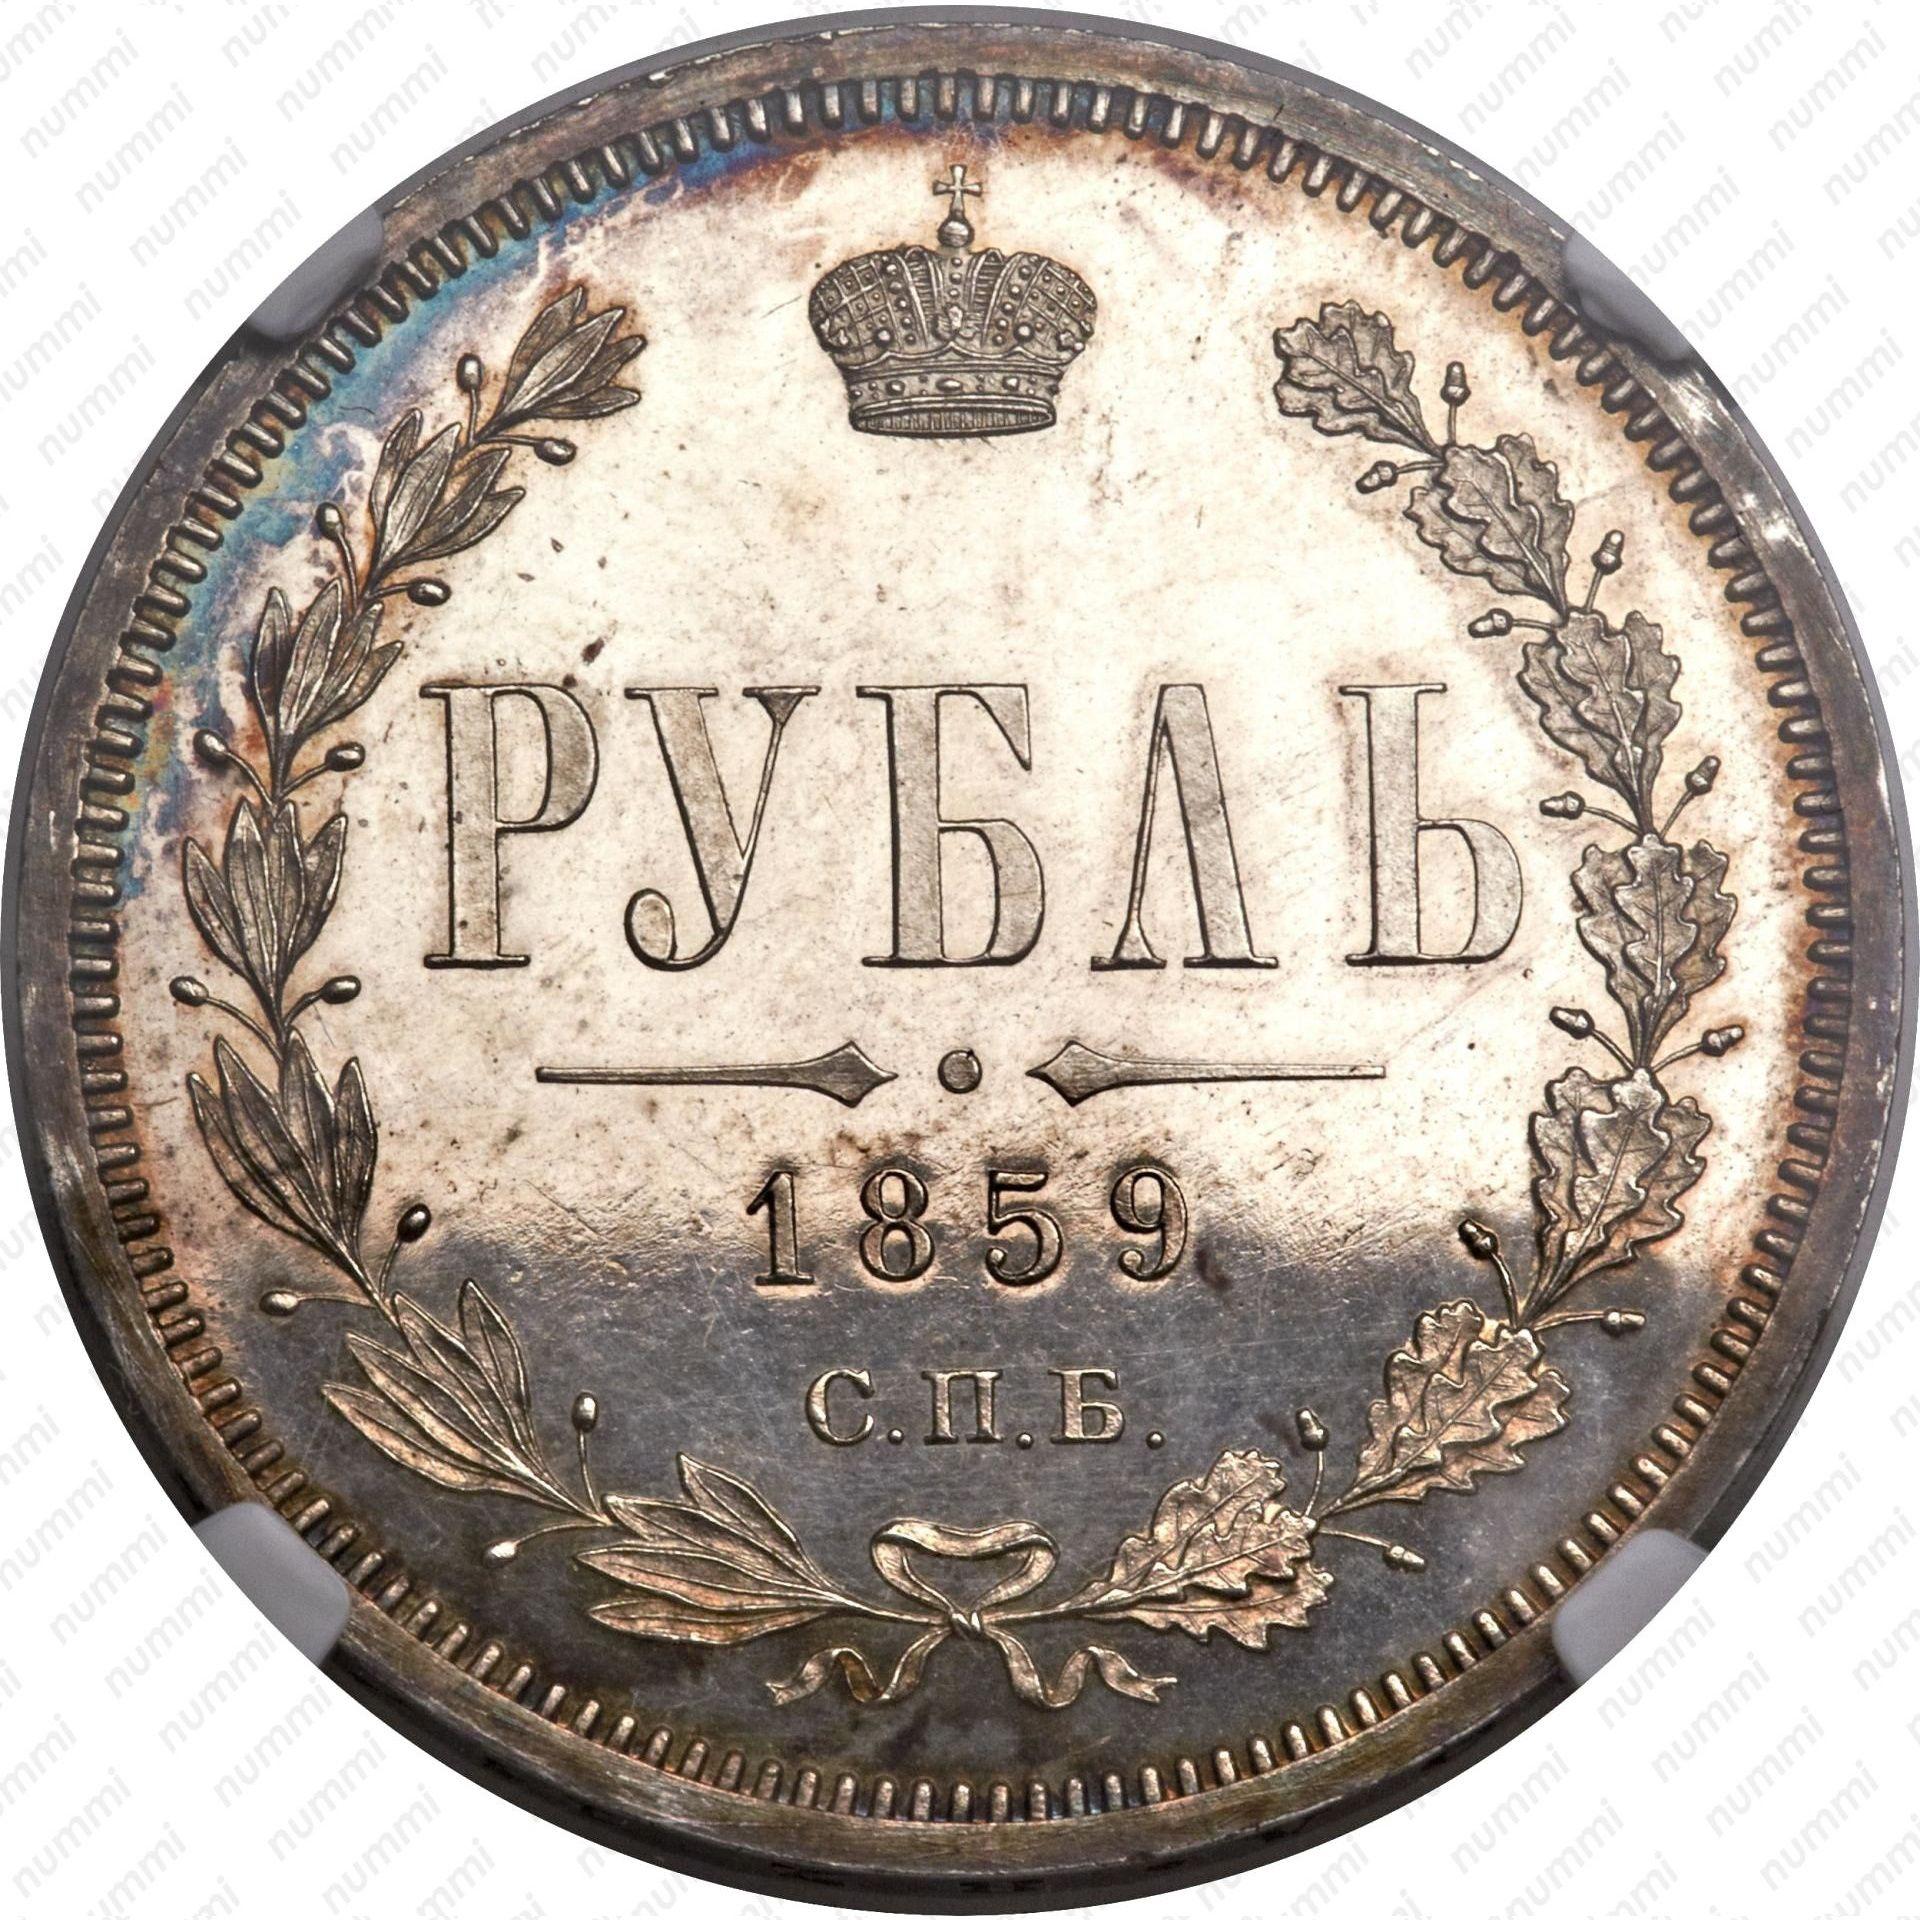 1 рубль 1859, СПБ-ФБ - Реверс ...